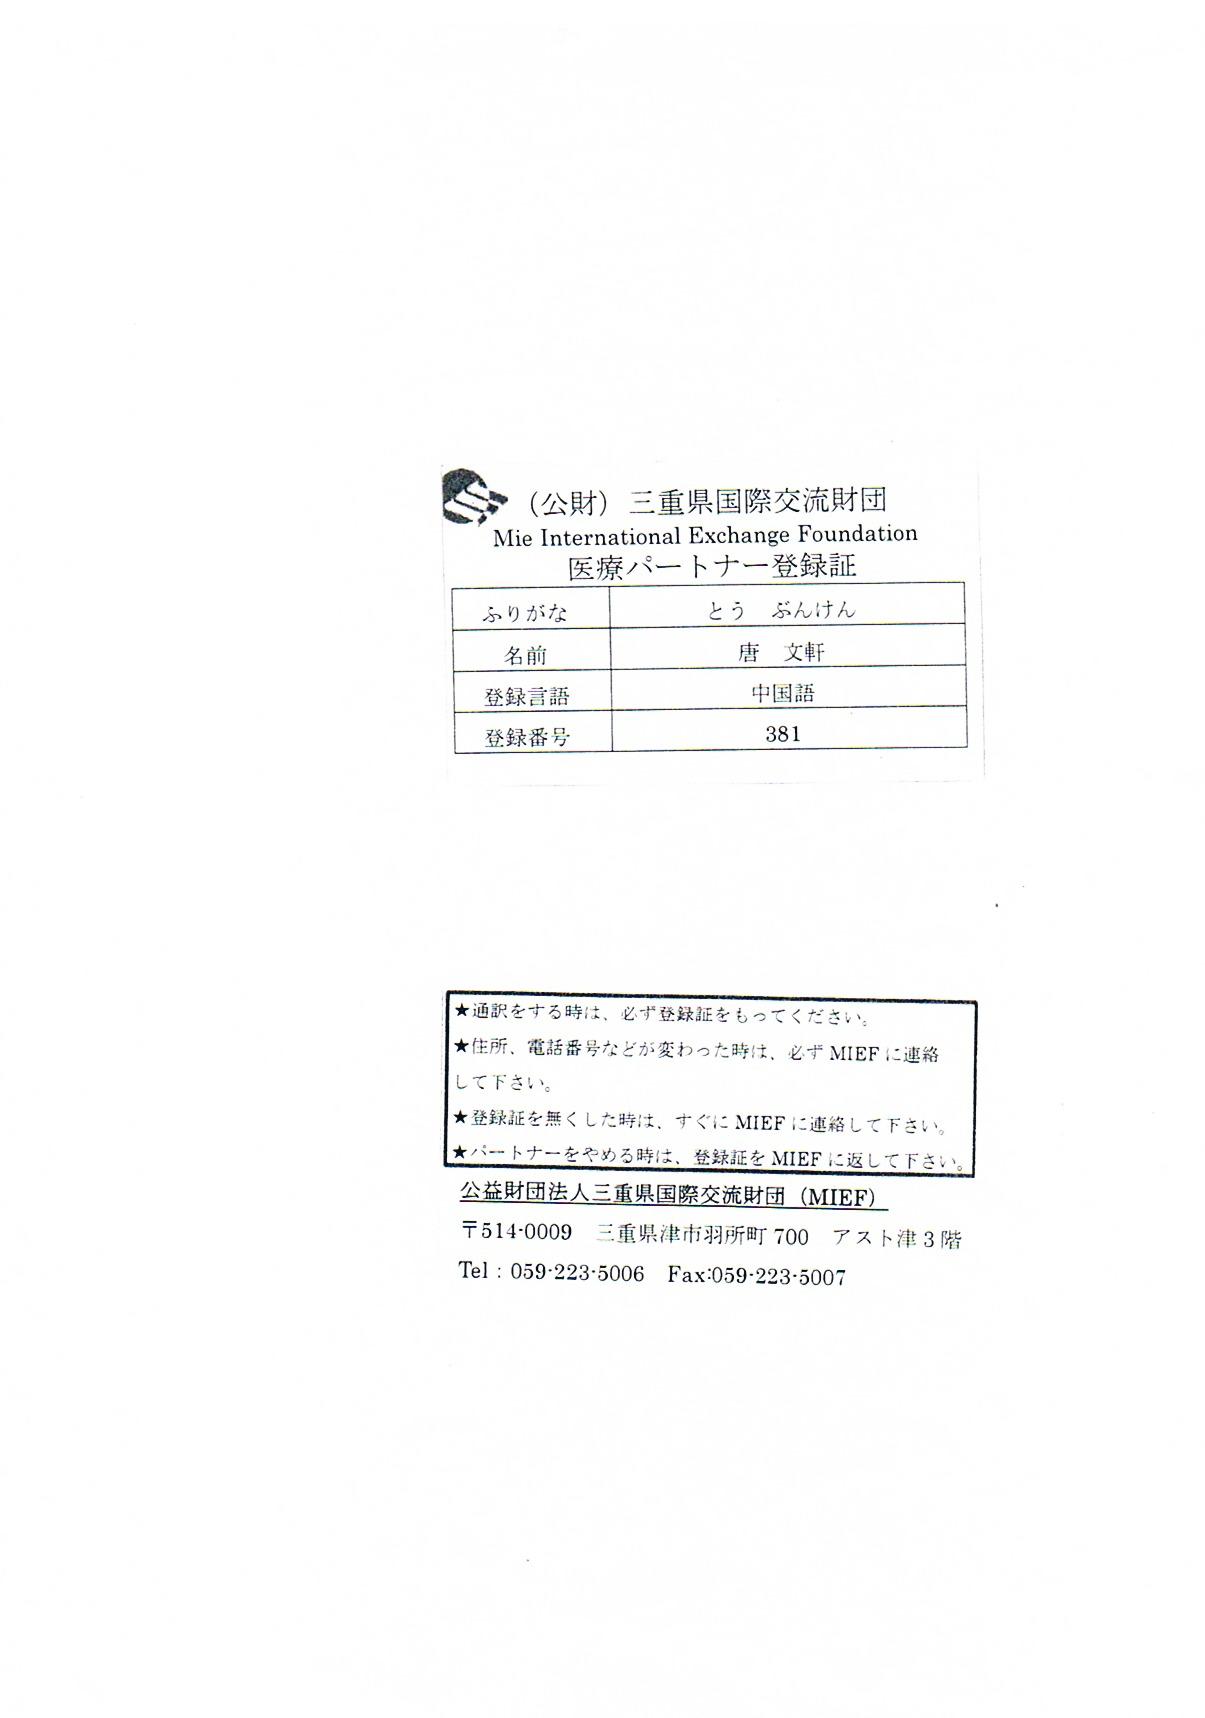 唐医療パートナー登録証1CCF20151129_00001